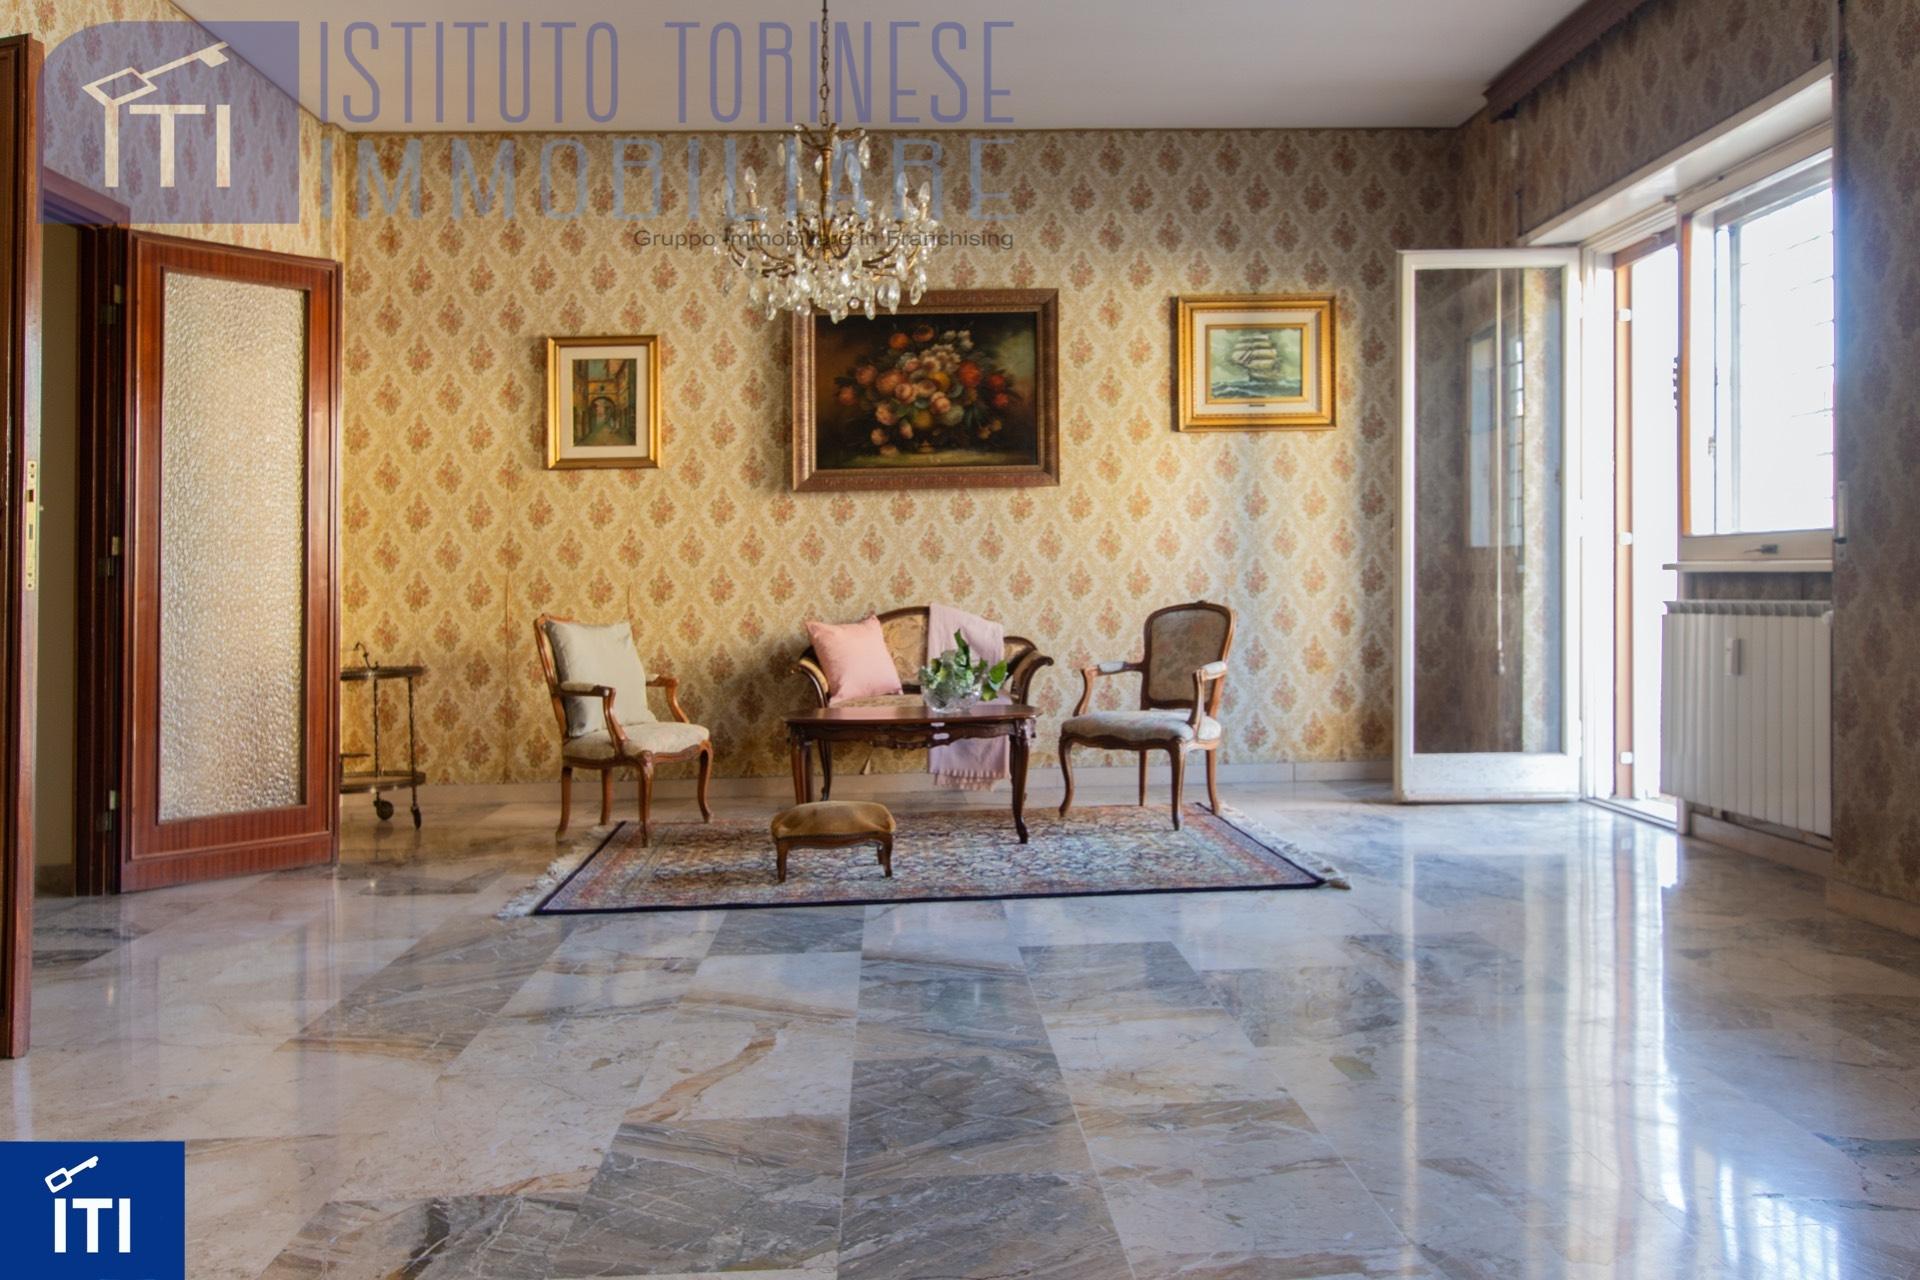 Case Con Terrazzo Roma vendita case con terrazzo a roma pag. 12 - cambiocasa.it